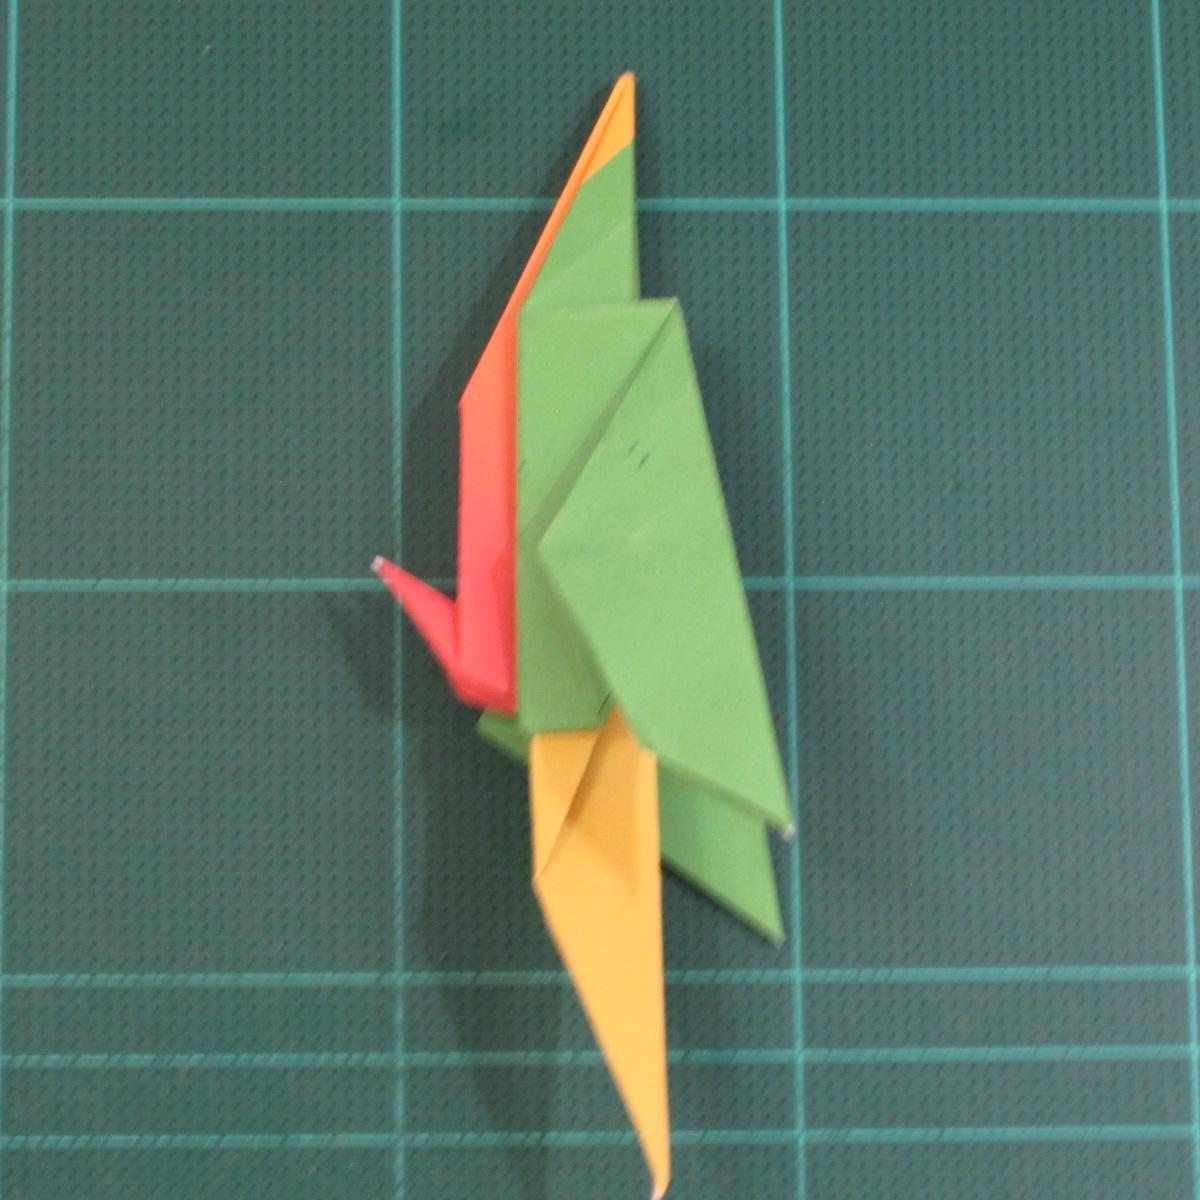 วิธีพับกระดาษเป็นรูปนกแก้ว (Origami Parrot) 032